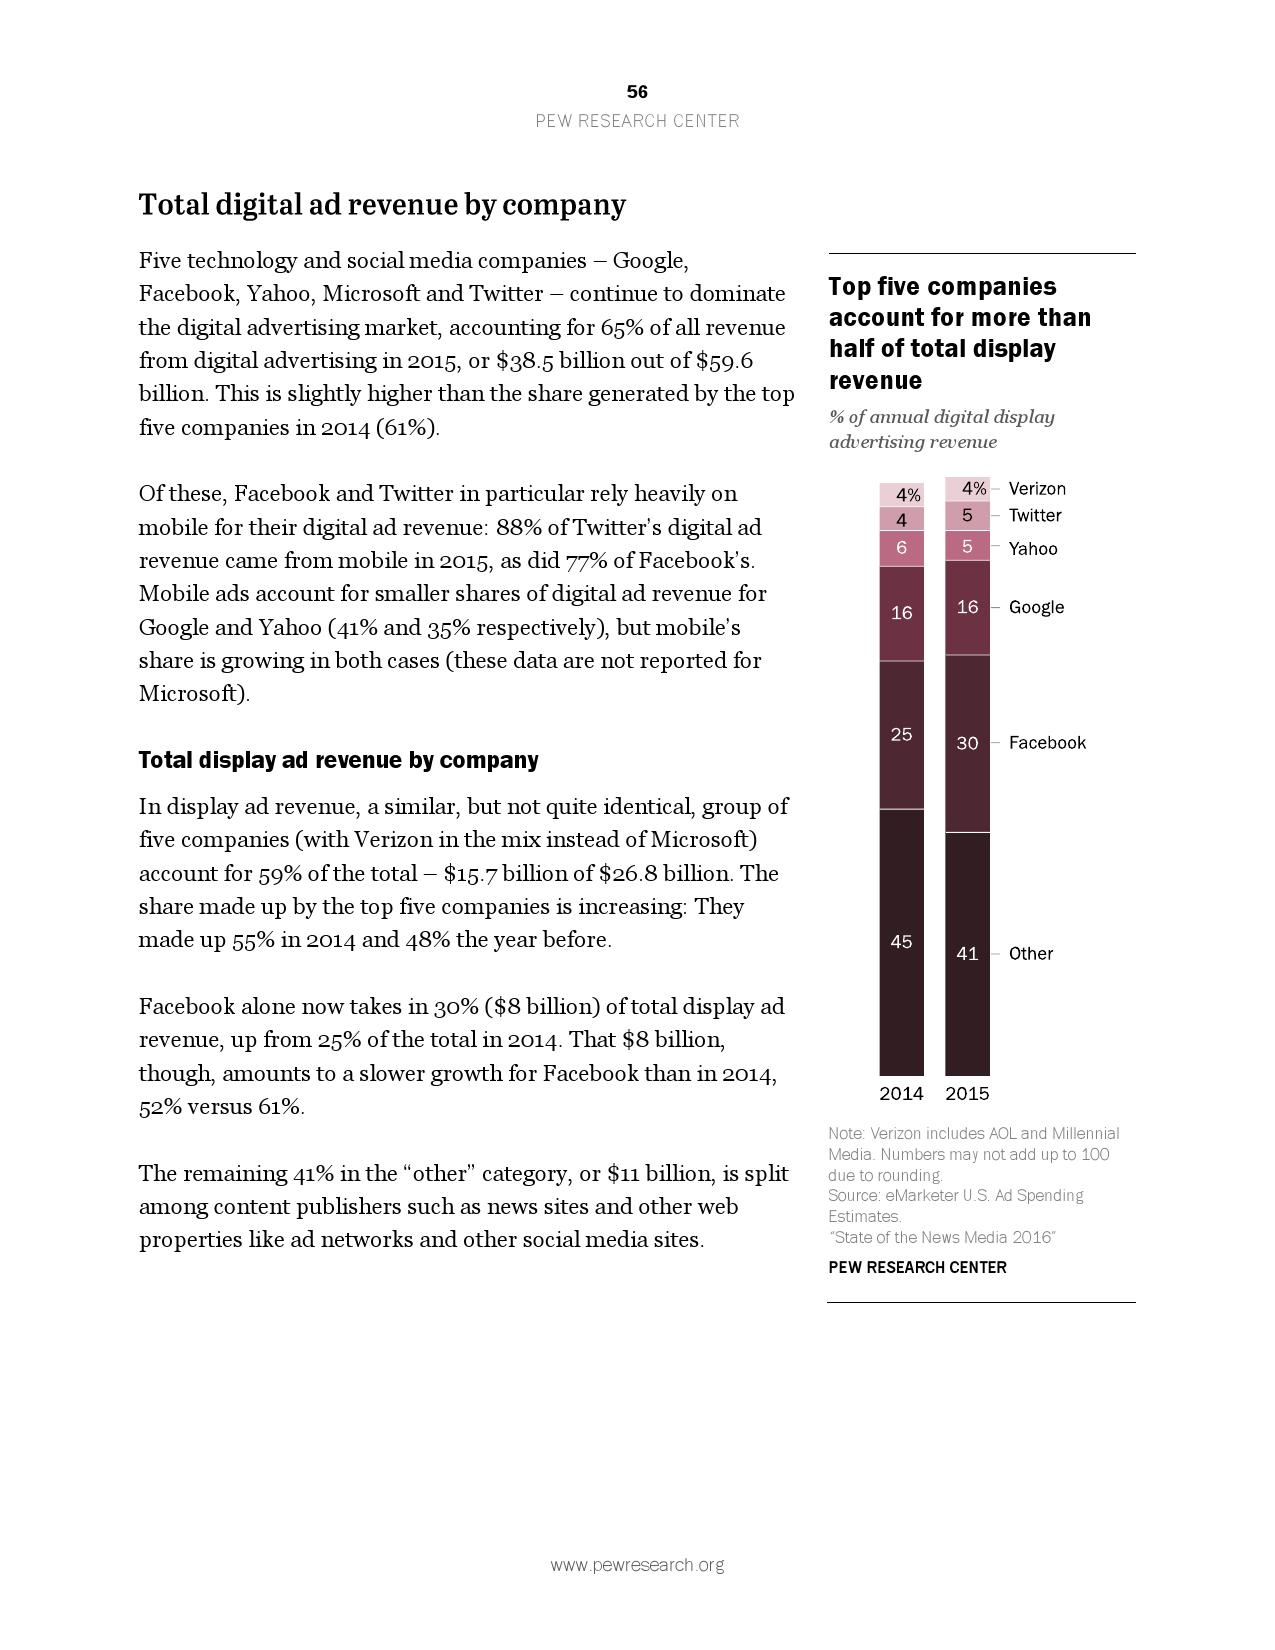 2016美国新媒体研究报告_000056